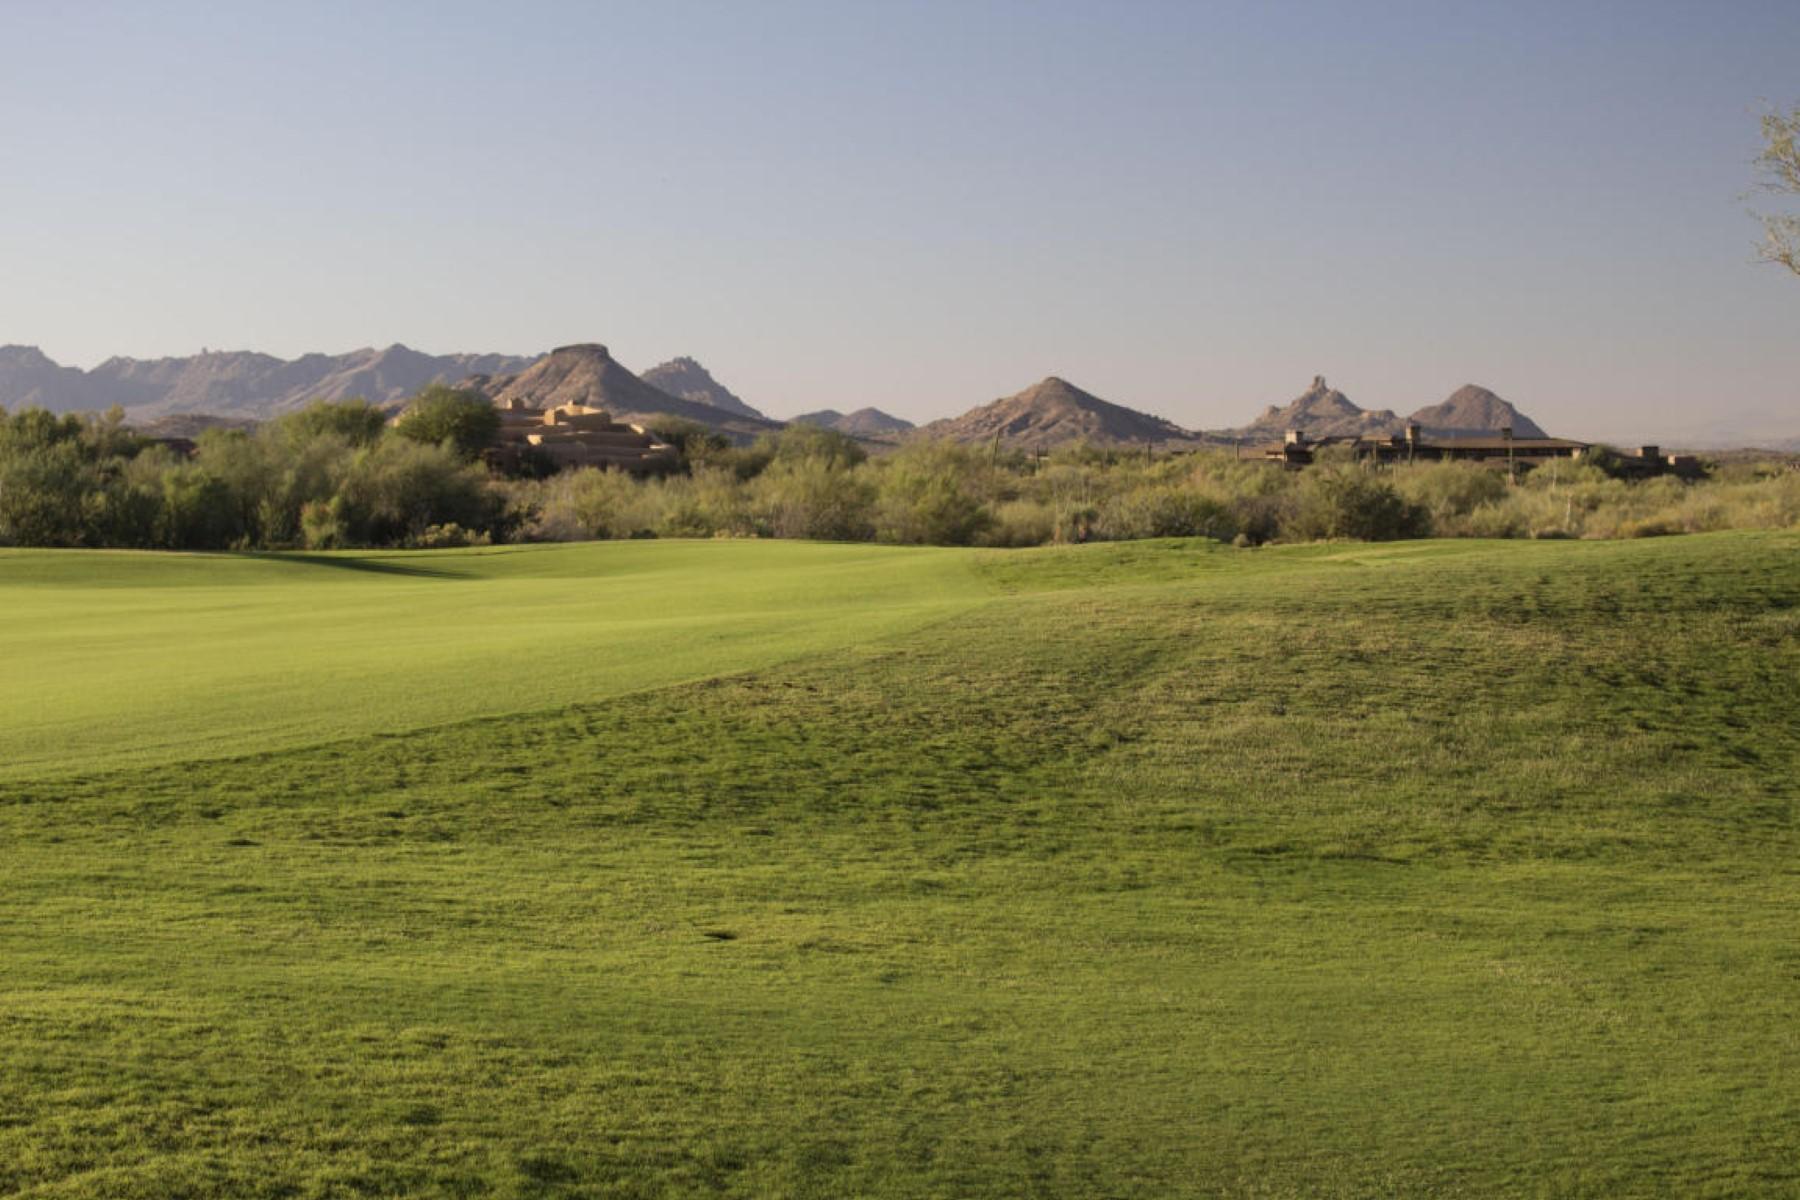 Đất đai vì Bán tại South facing fairway lot on the 1st hole of the Mirabel Club golf course 37655 N 104th Pl #34 Scottsdale, Arizona, 85262 Hoa Kỳ